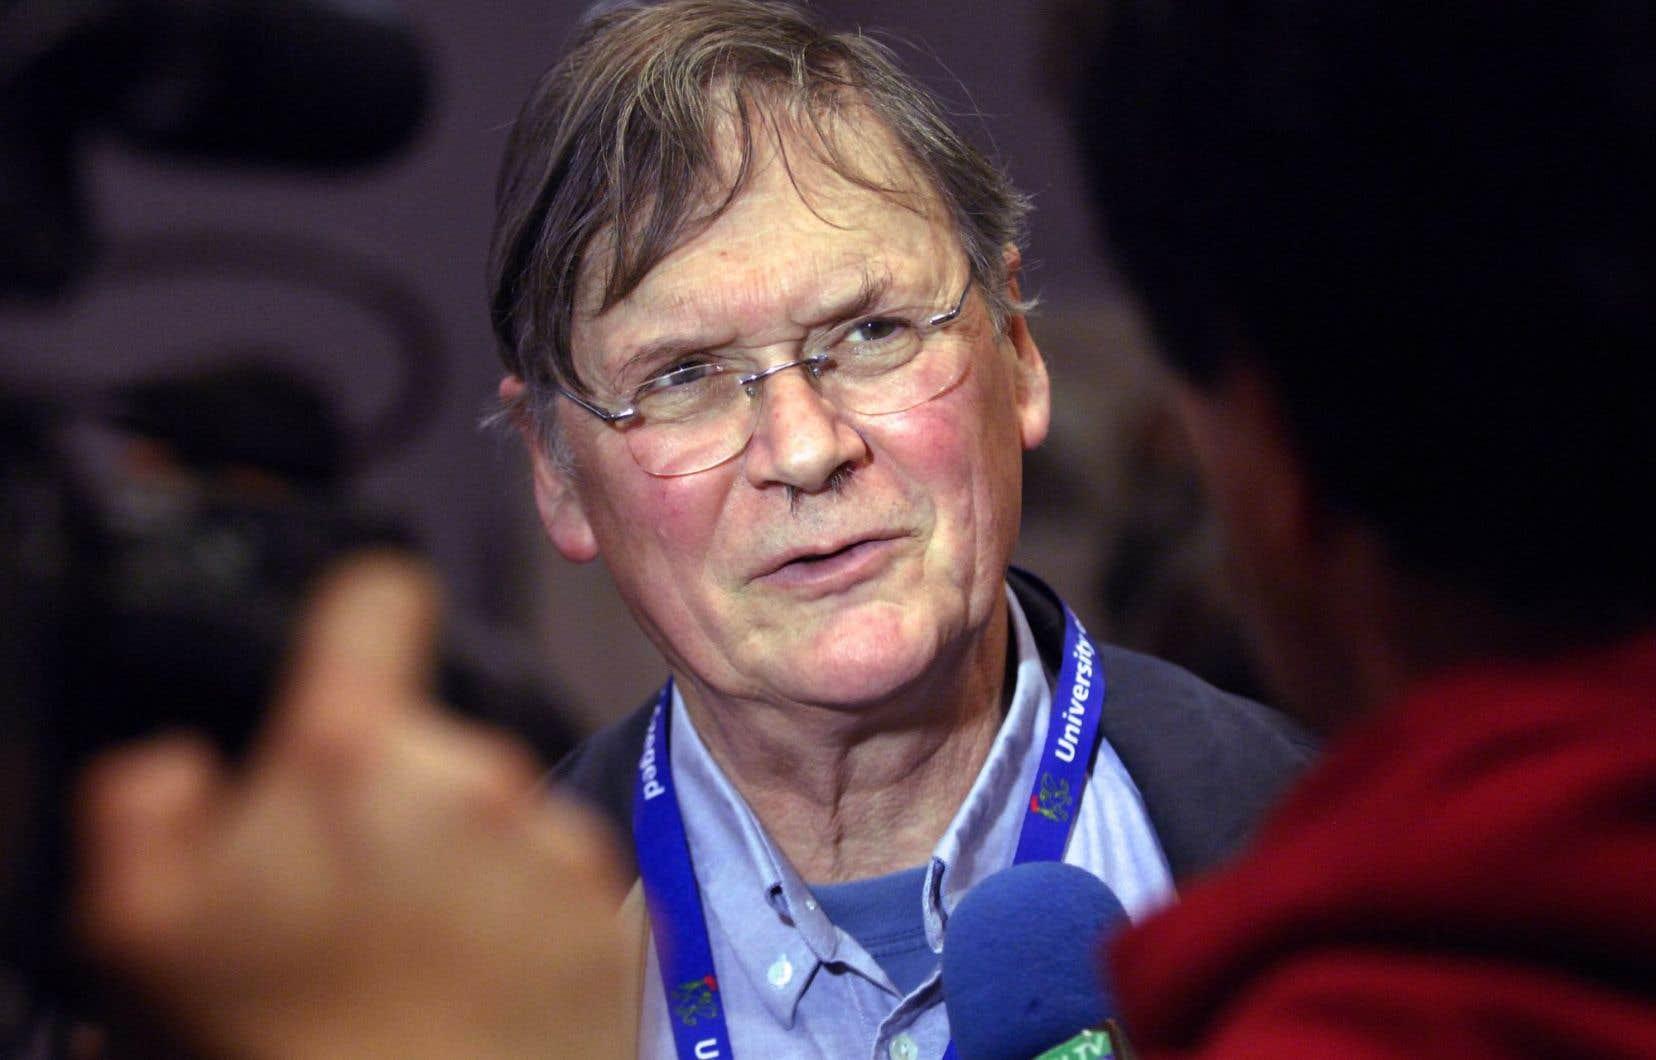 Timothy Hunt a dû démissionner du University College de Londres après avoir tenu publiquement des propos sexistes sur les femmes scientifiques.